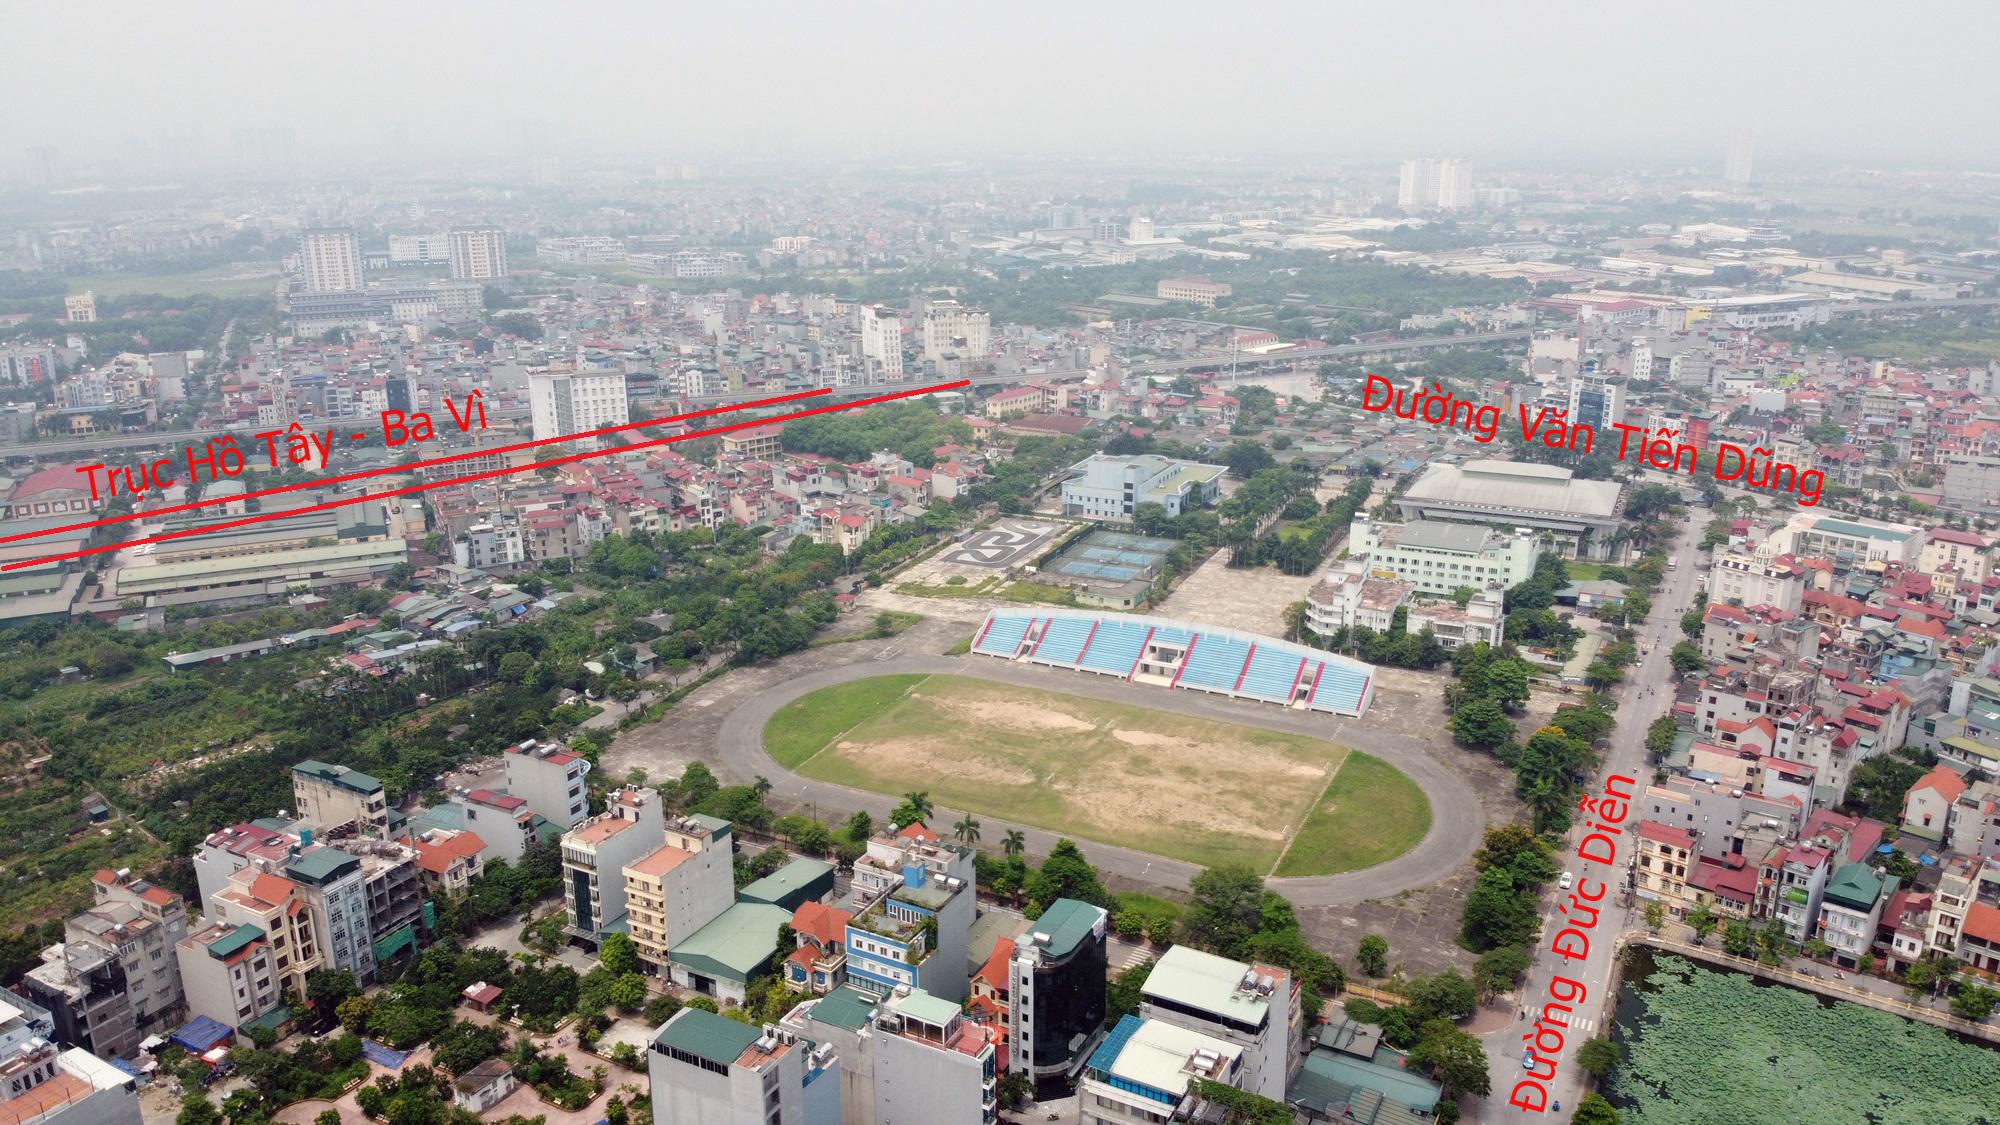 Đường sẽ mở theo qui hoạch ở Hà Nội: Toàn cảnh trục Hồ Tây - Ba Vì đến Vành đai 4 - Ảnh 17.